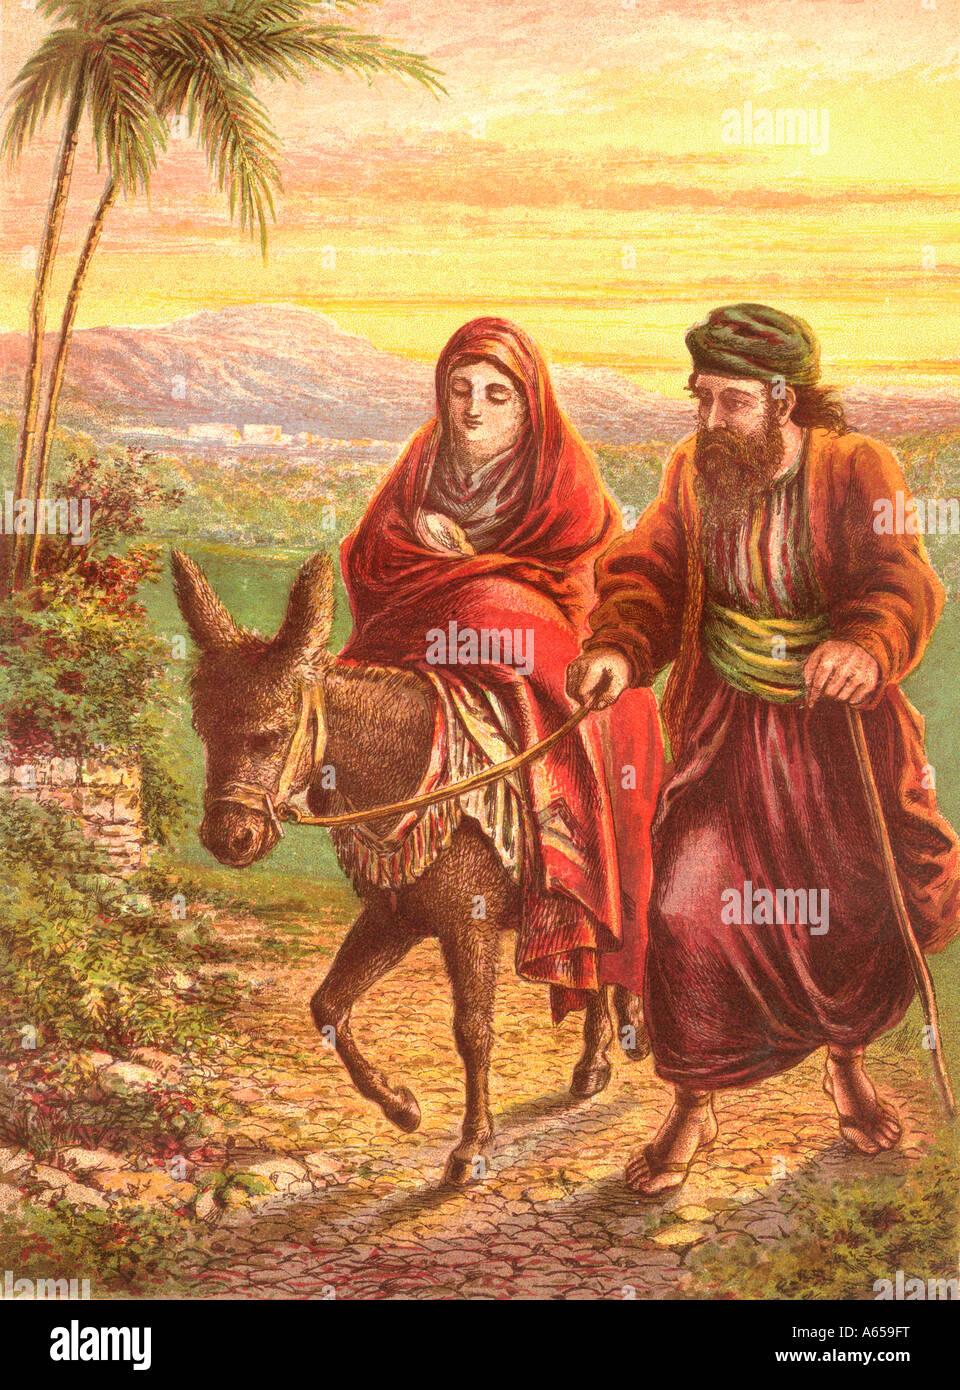 Flucht In Der Bibel